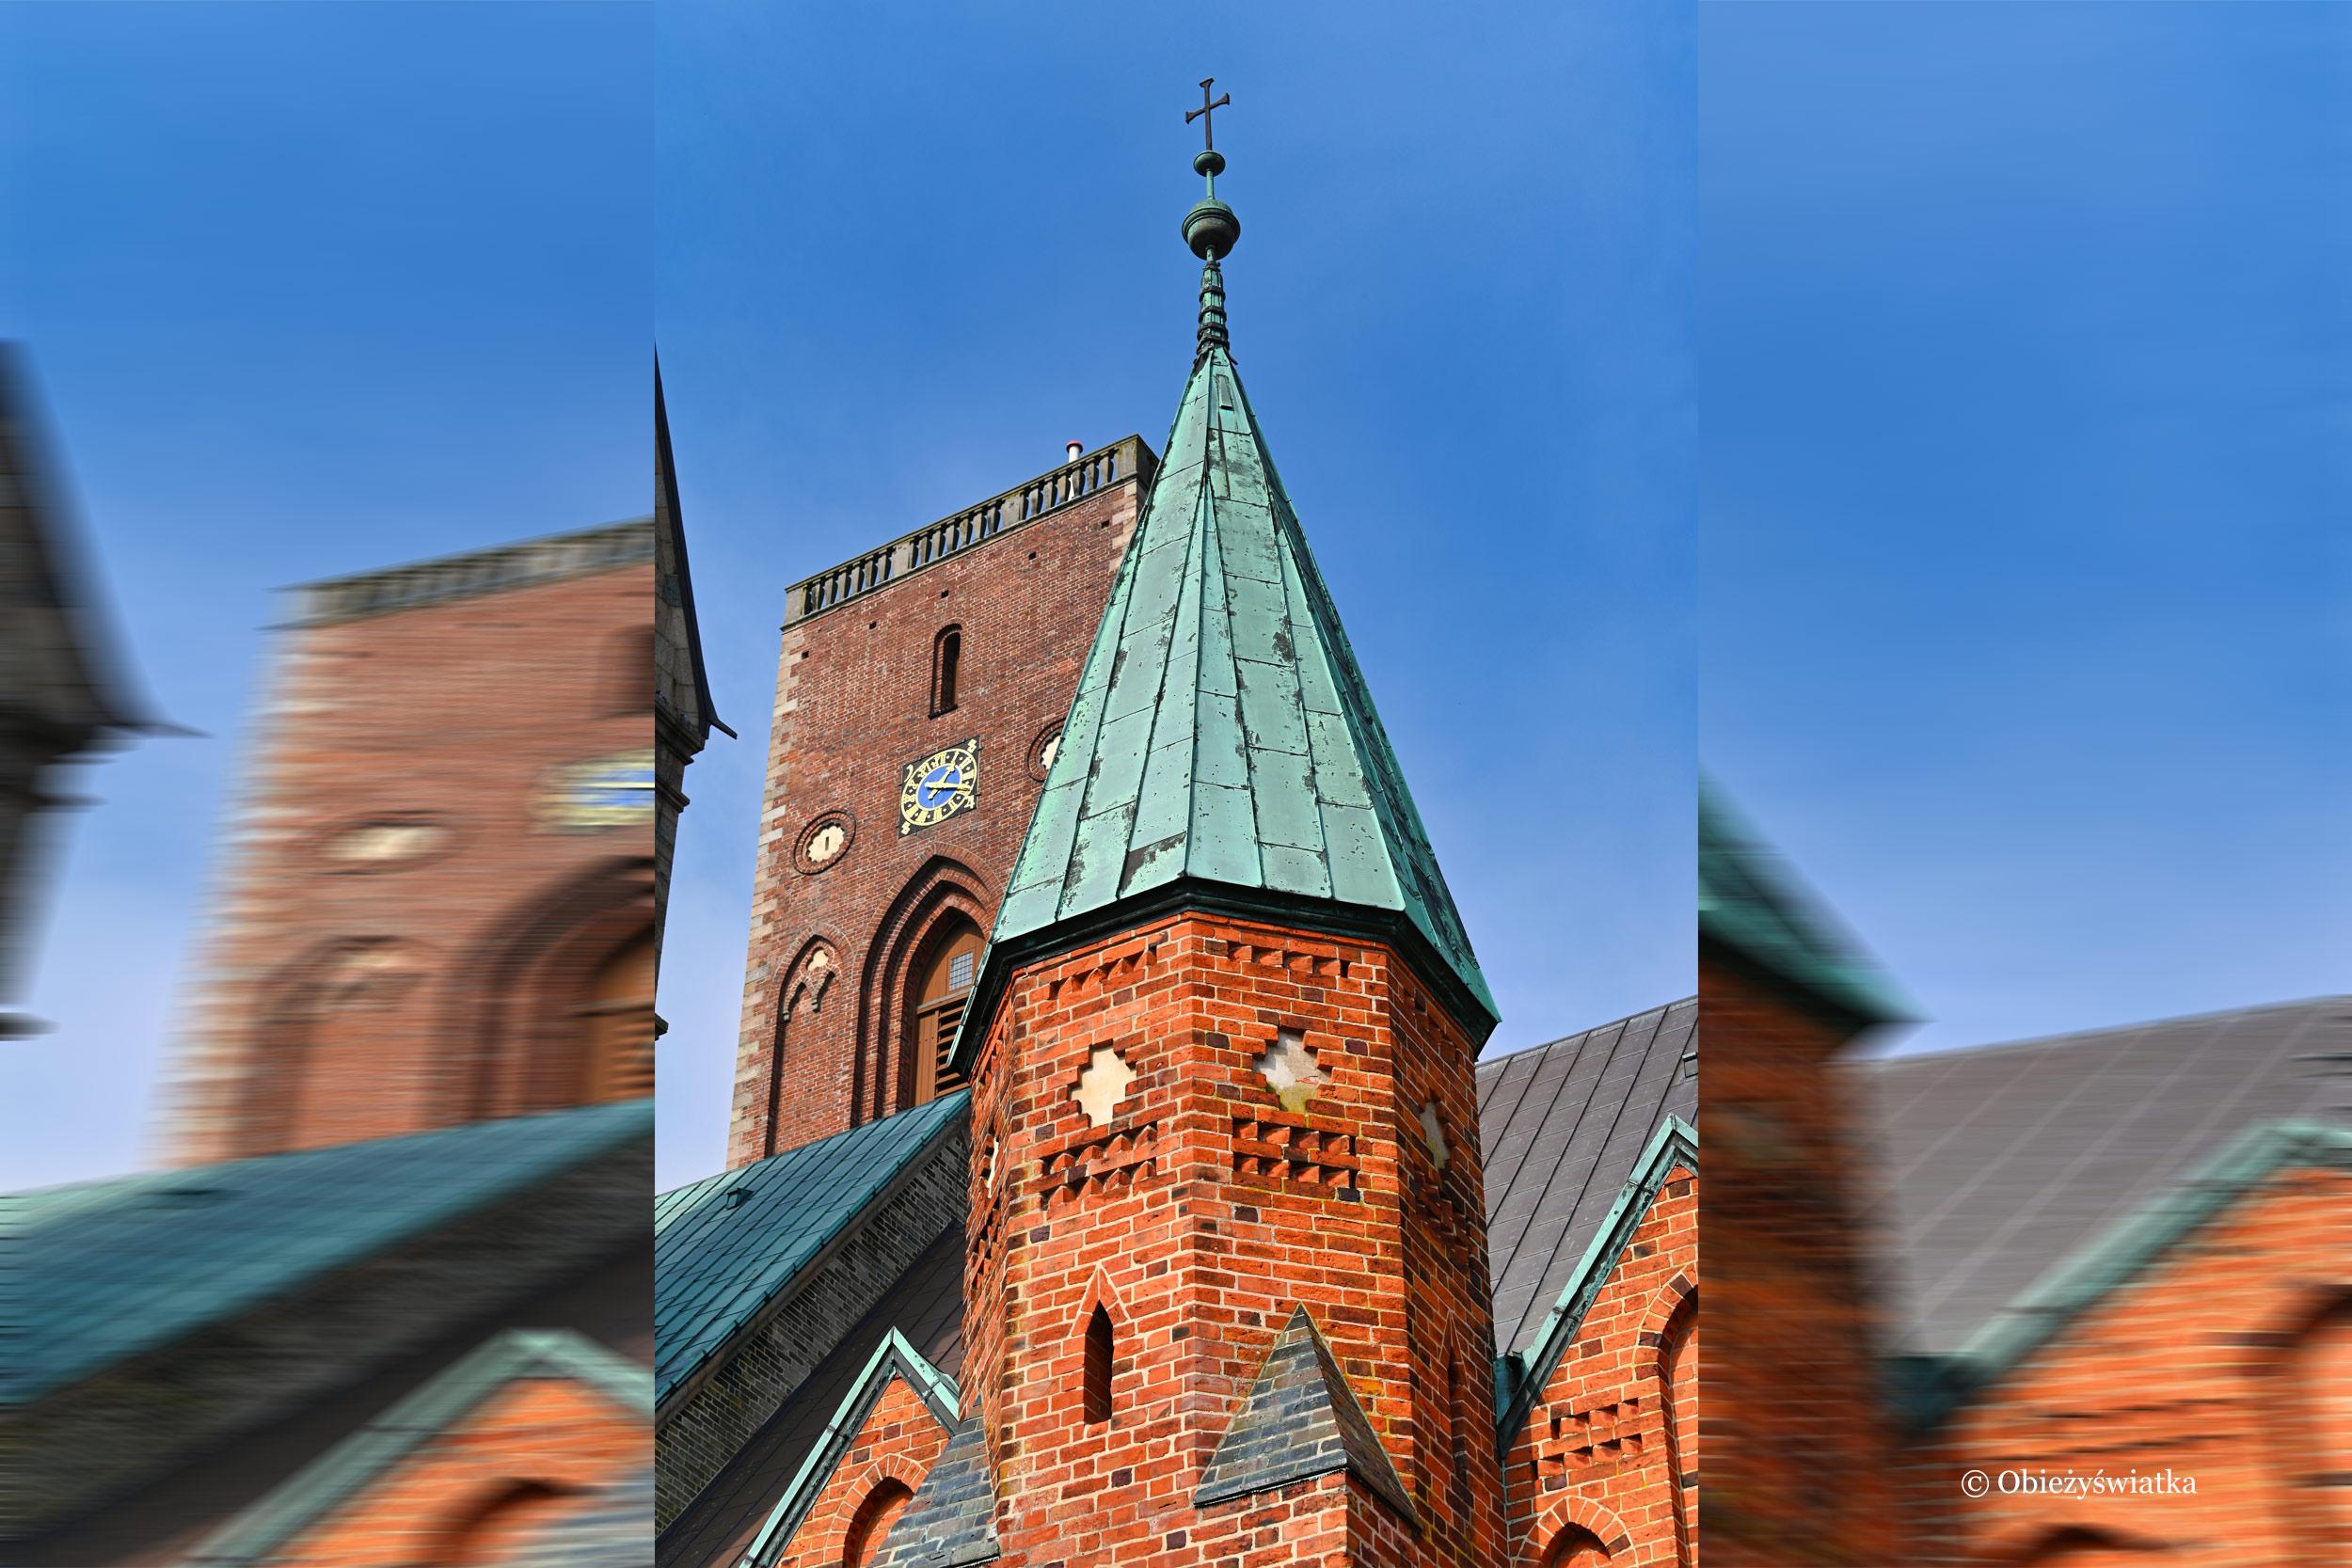 Część gotycka katedry - Ribe, Dania